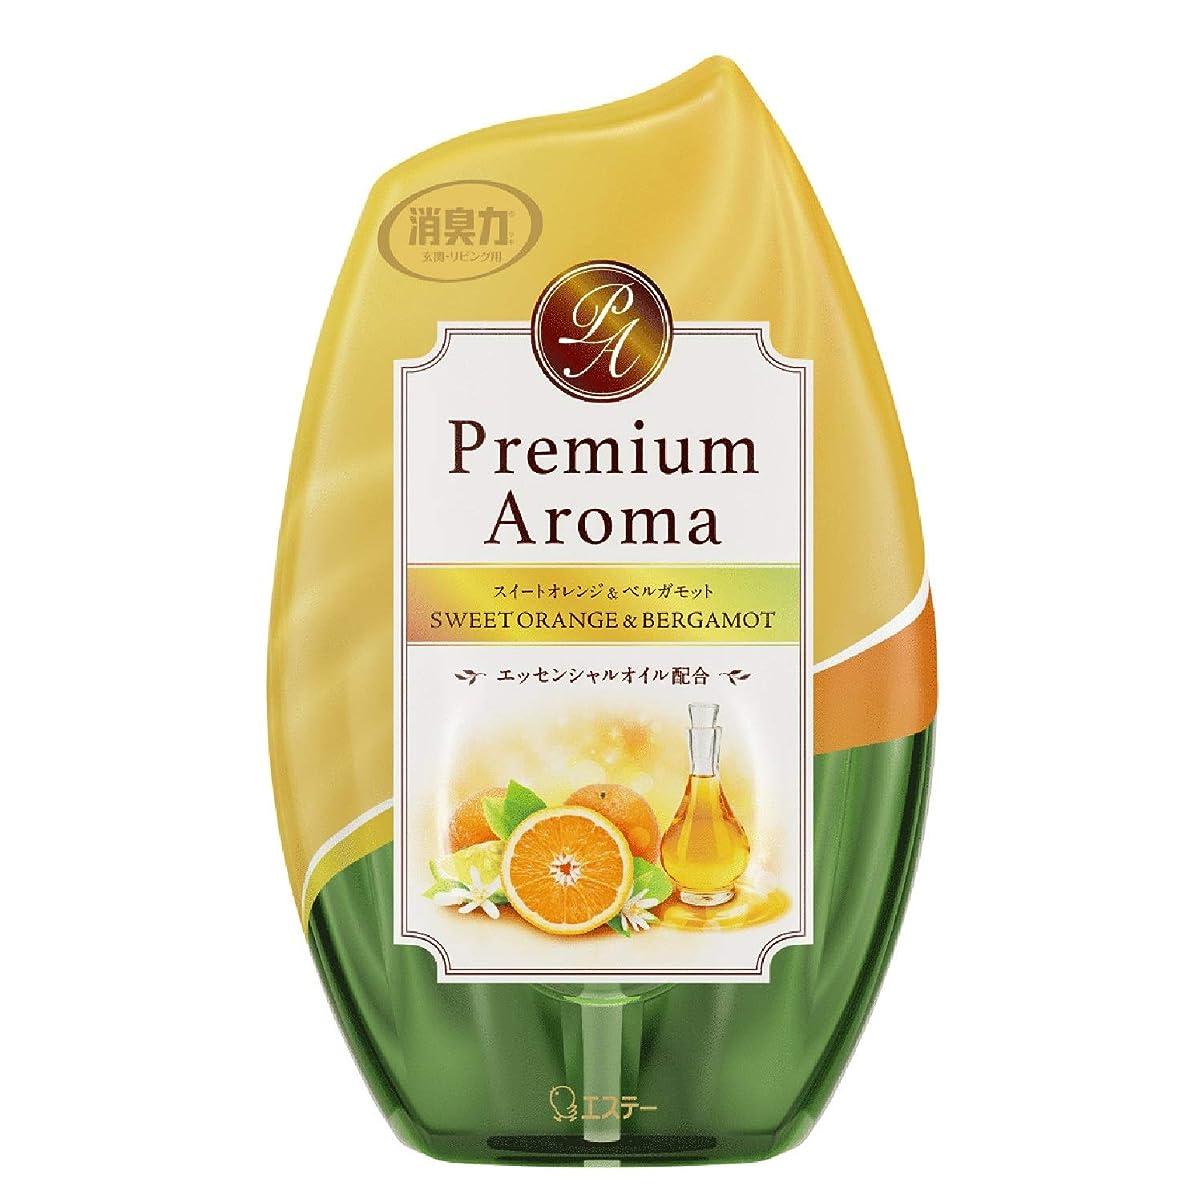 ベスト位置づける業界お部屋の消臭力 プレミアムアロマ Premium Aroma 消臭芳香剤 部屋用 部屋 スイートオレンジ&ベルガモットの香り 400ml